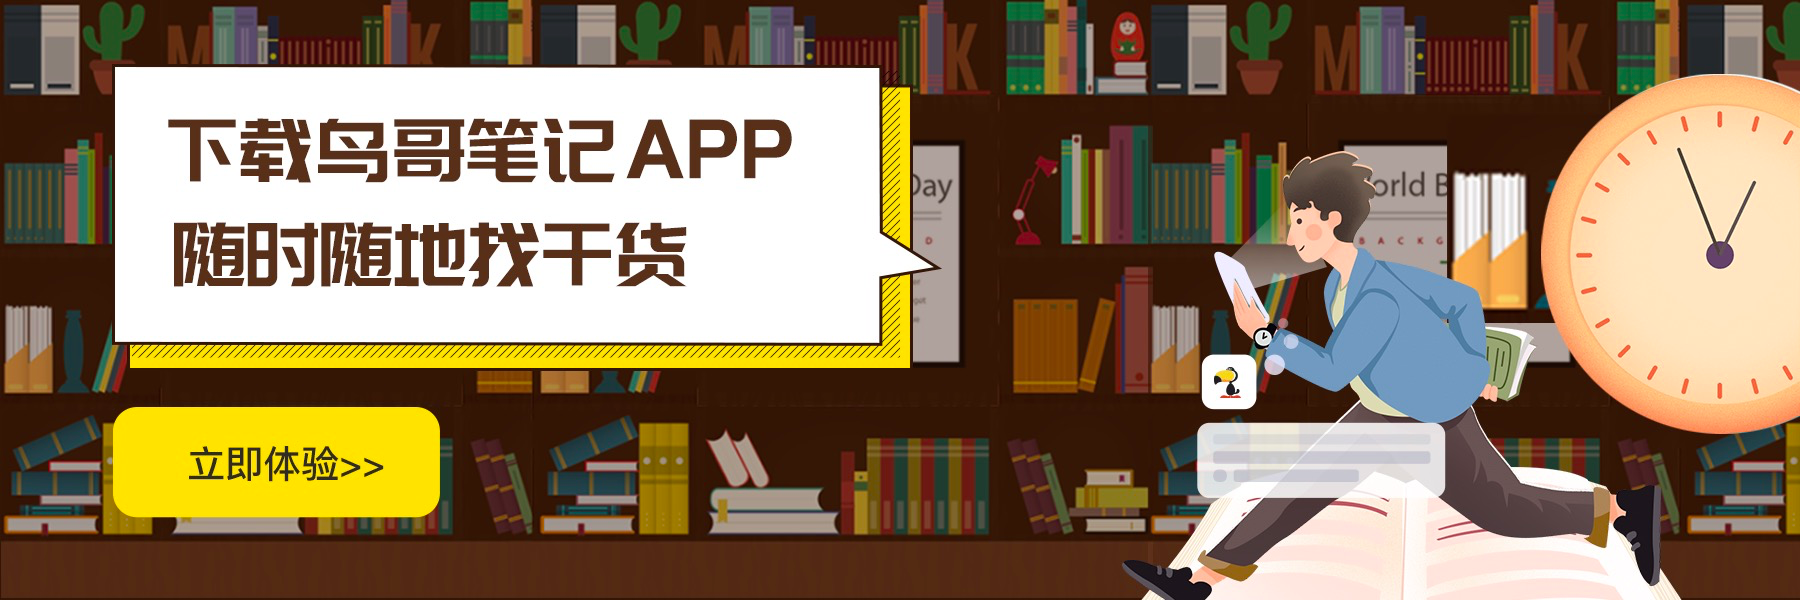 鸟哥笔记,行业动态,倪叔,快手,互联网,抖音,行业动态